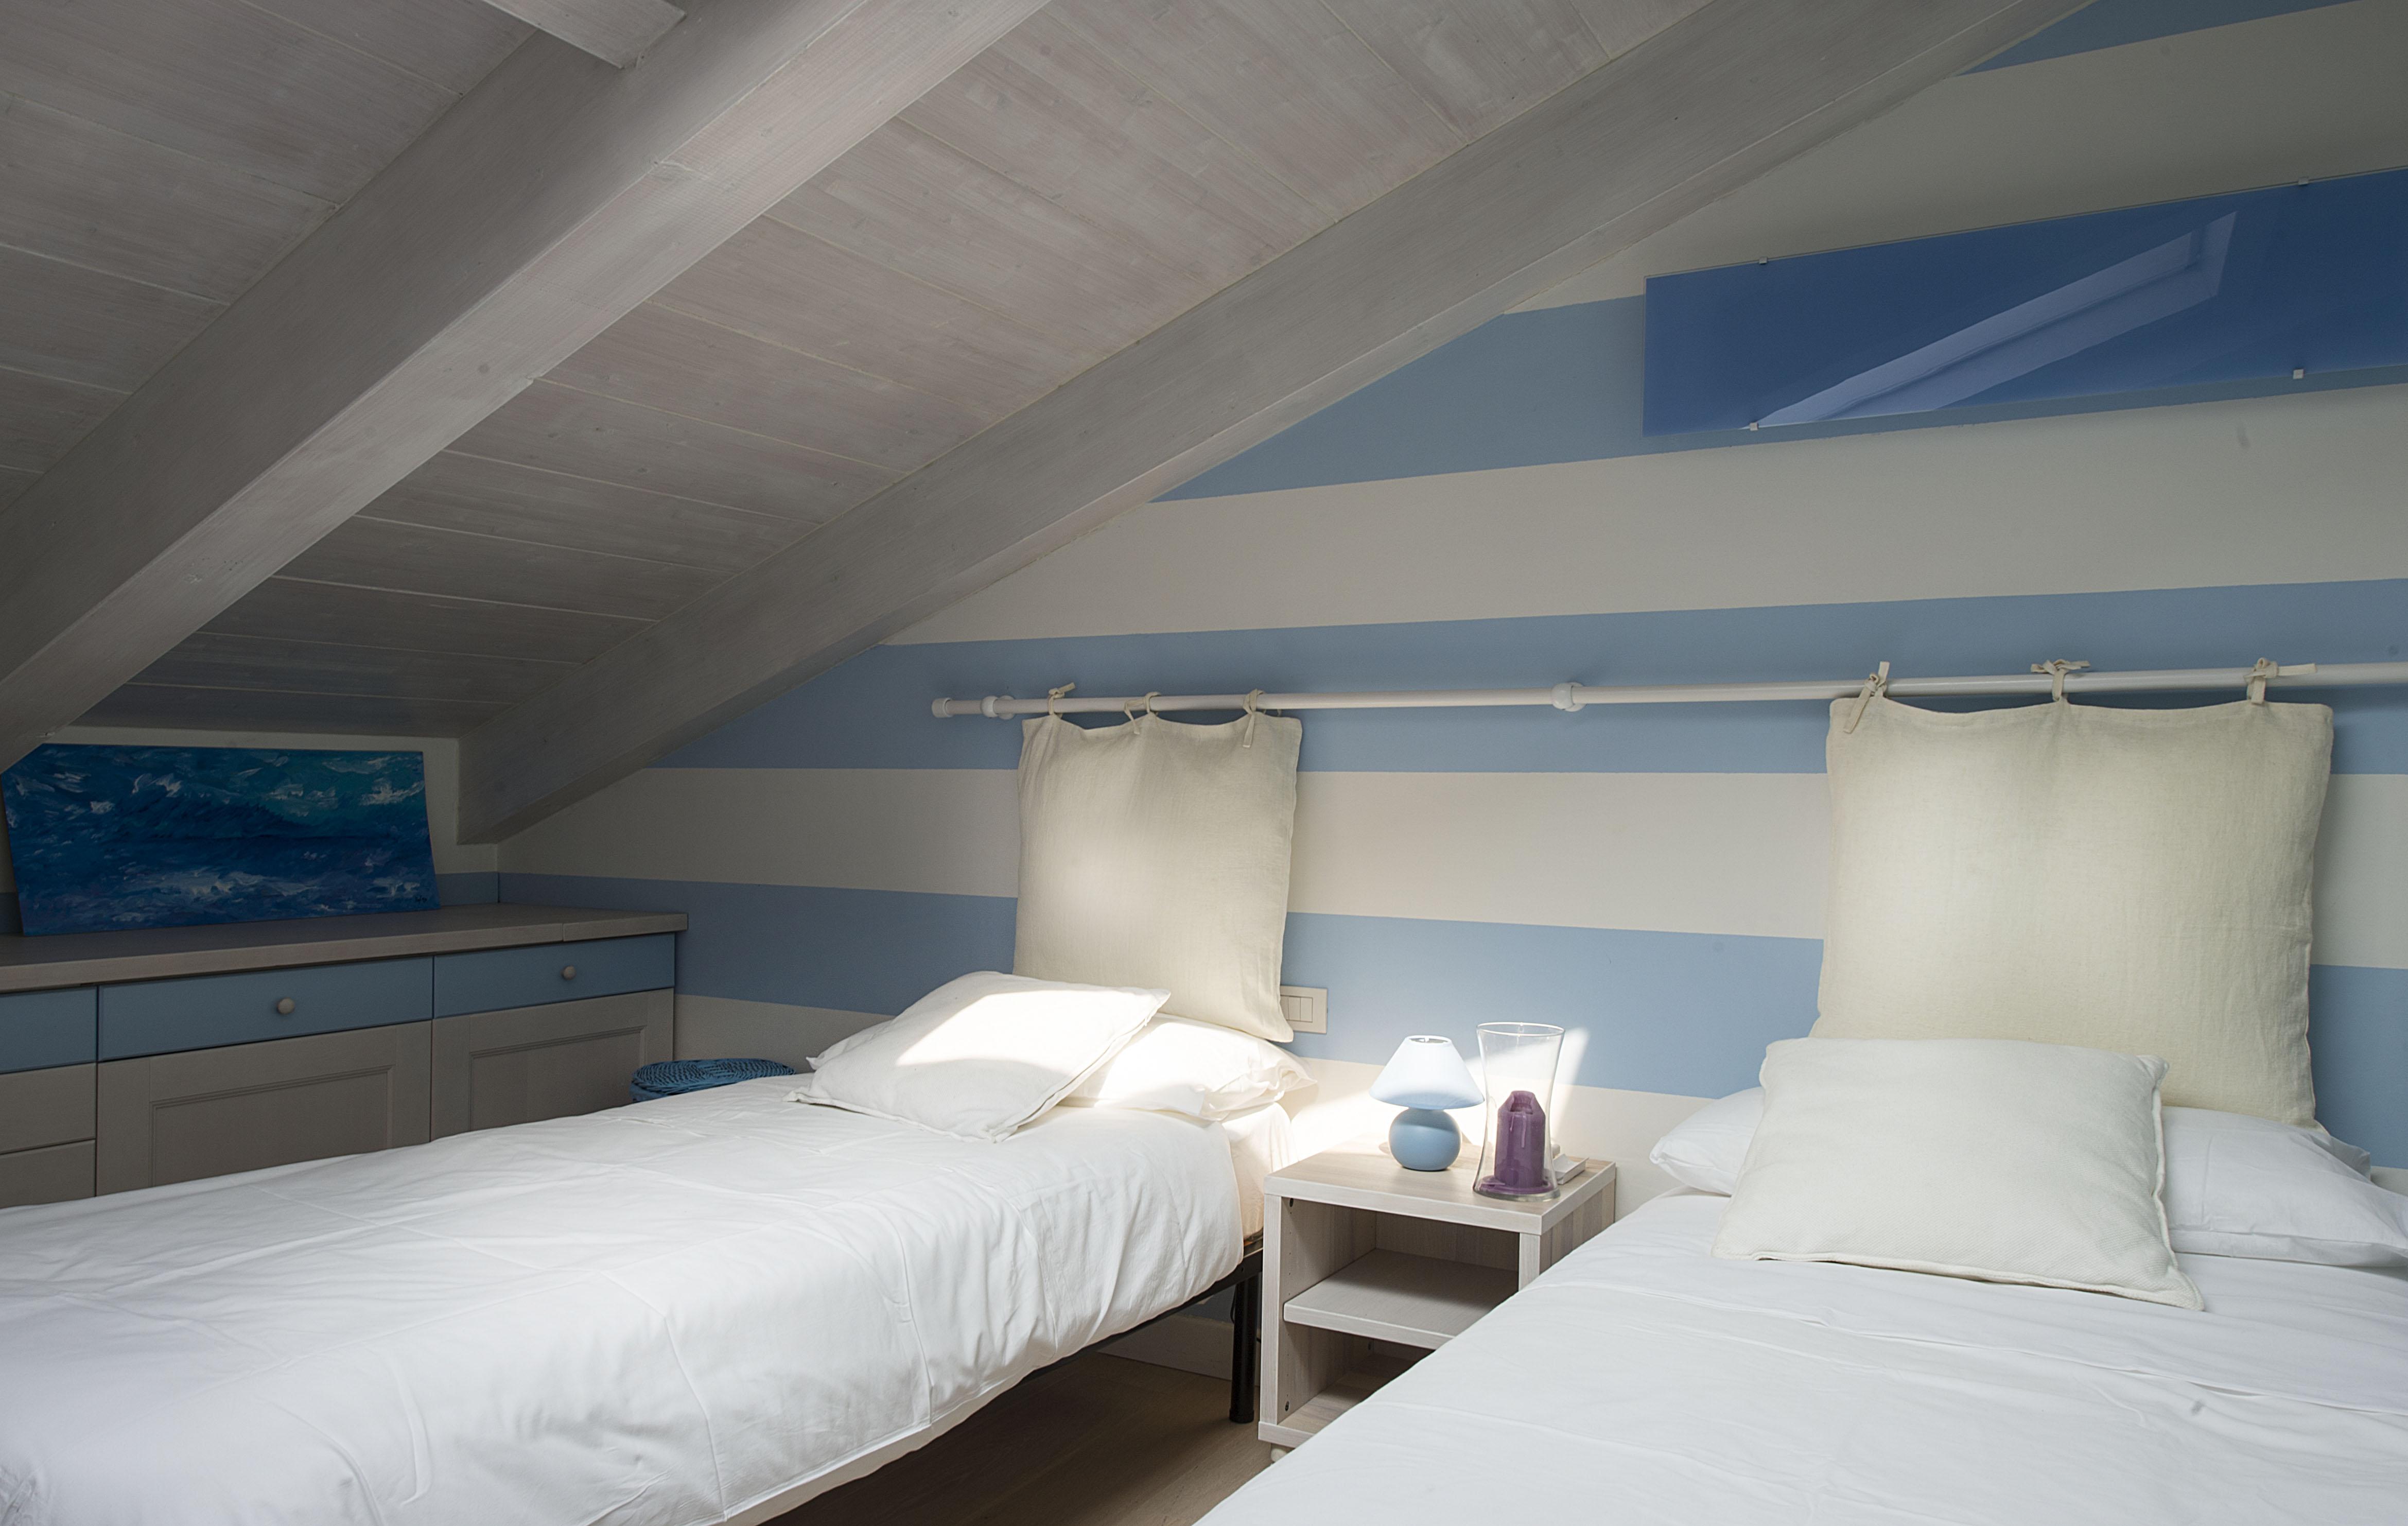 ferienwohnung mailand mit klimaanlage f r bis zu 4 personen mieten. Black Bedroom Furniture Sets. Home Design Ideas